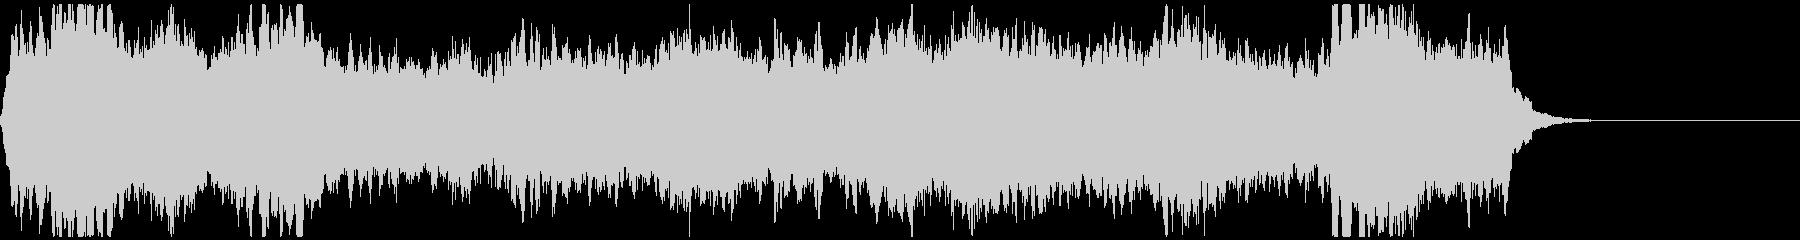 ストリングス/爽やかな四重奏の未再生の波形